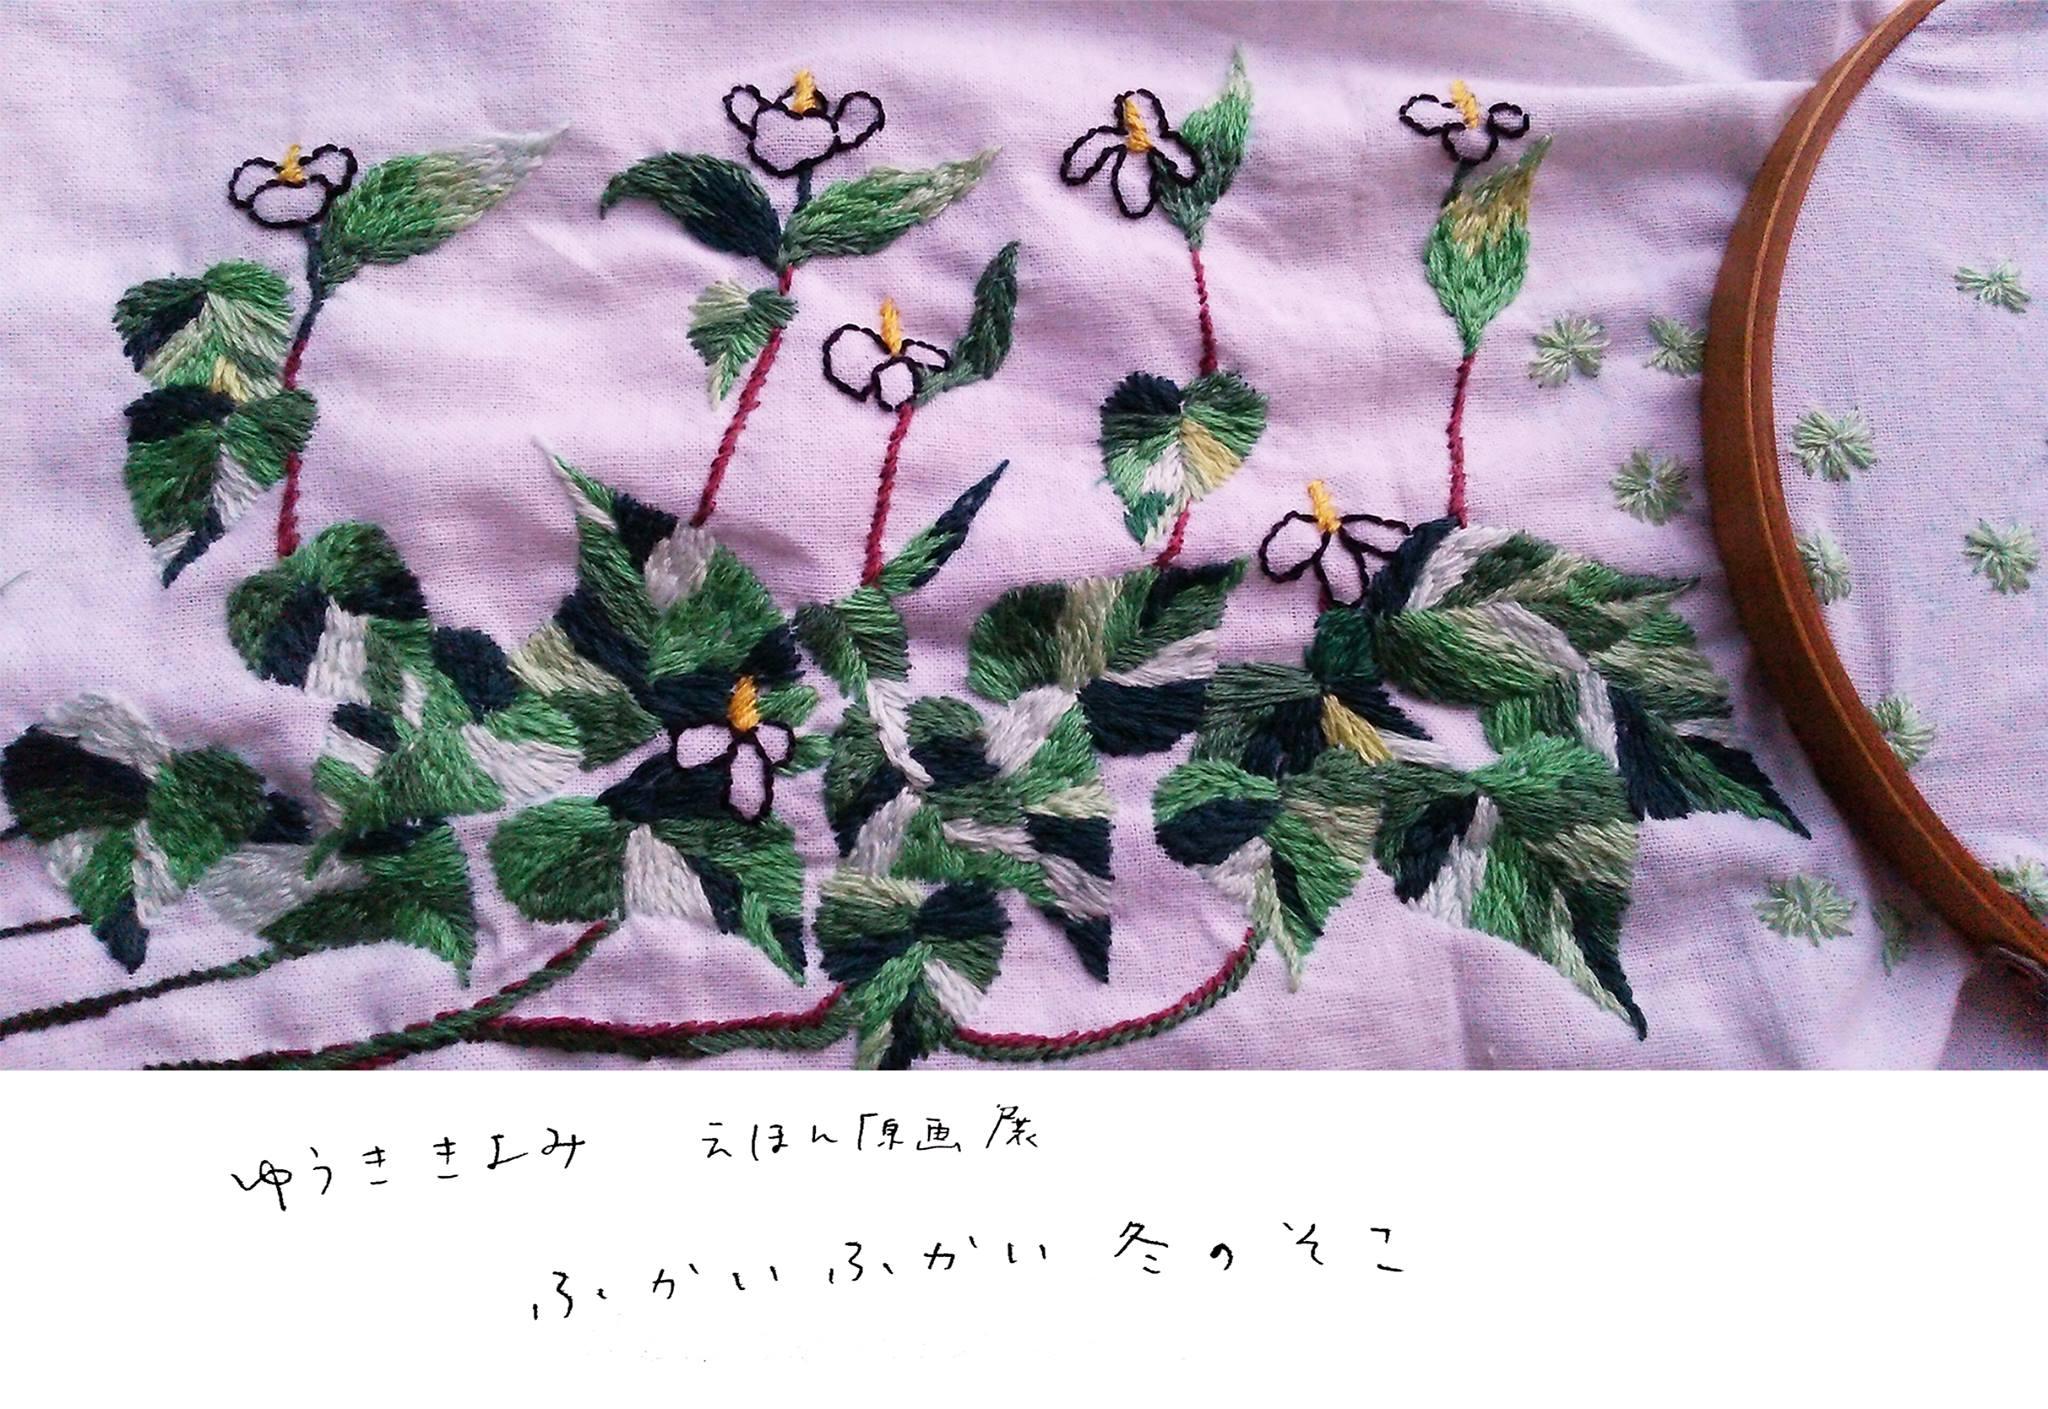 ゆうききよみ絵本原画展_c0192615_22191074.jpg